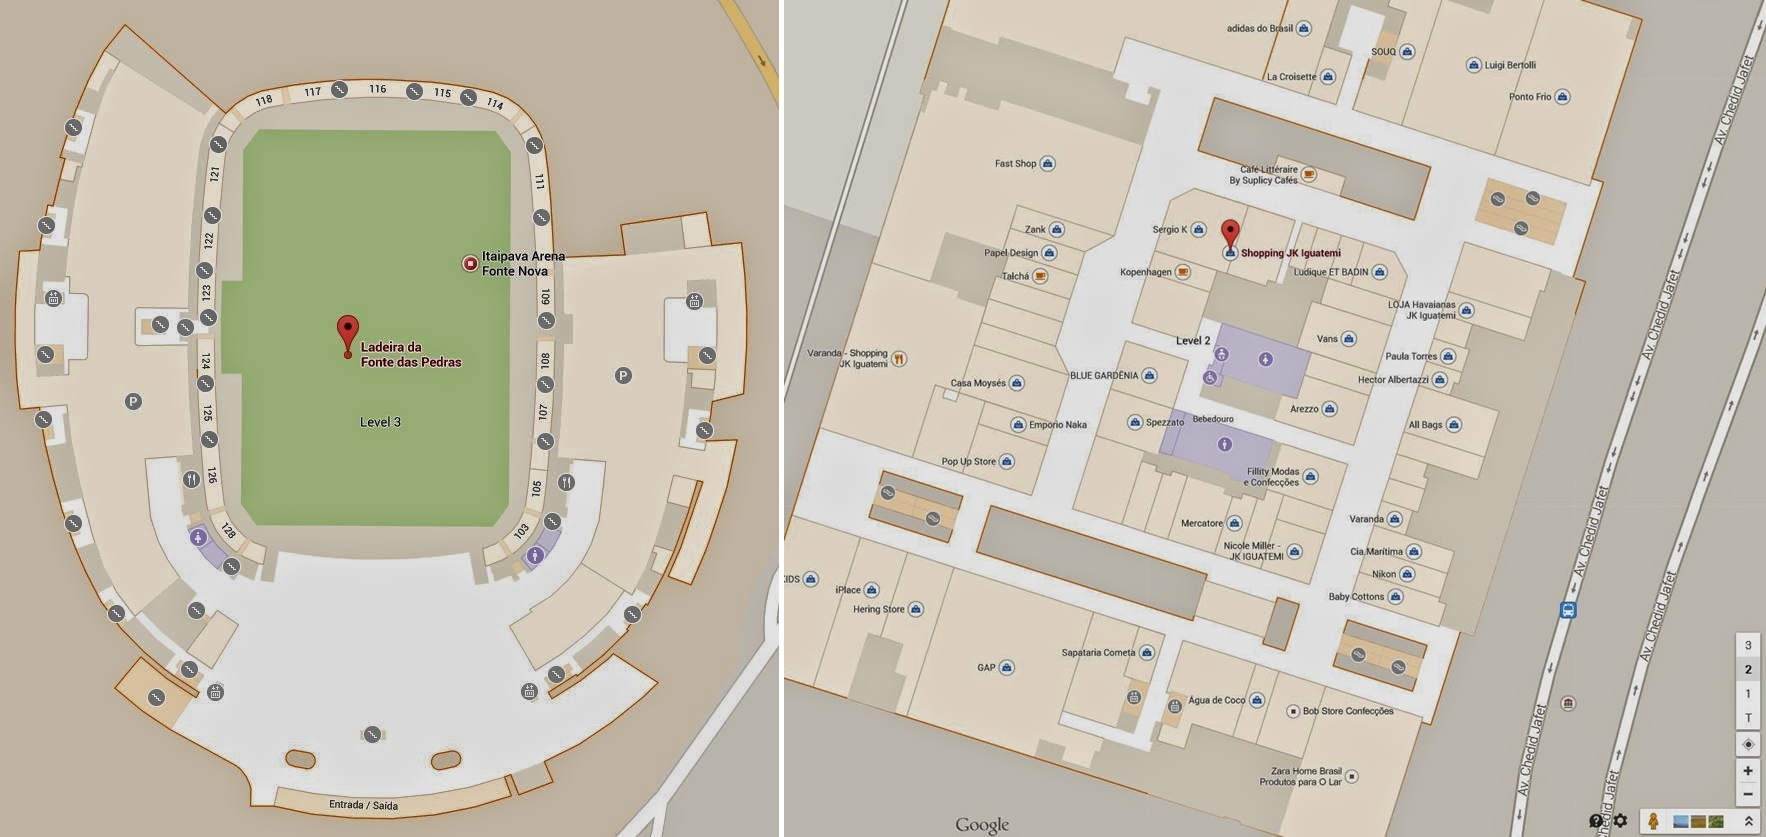 Mapas do interior de estabelecimentos chegam ao Google Maps brasileiro